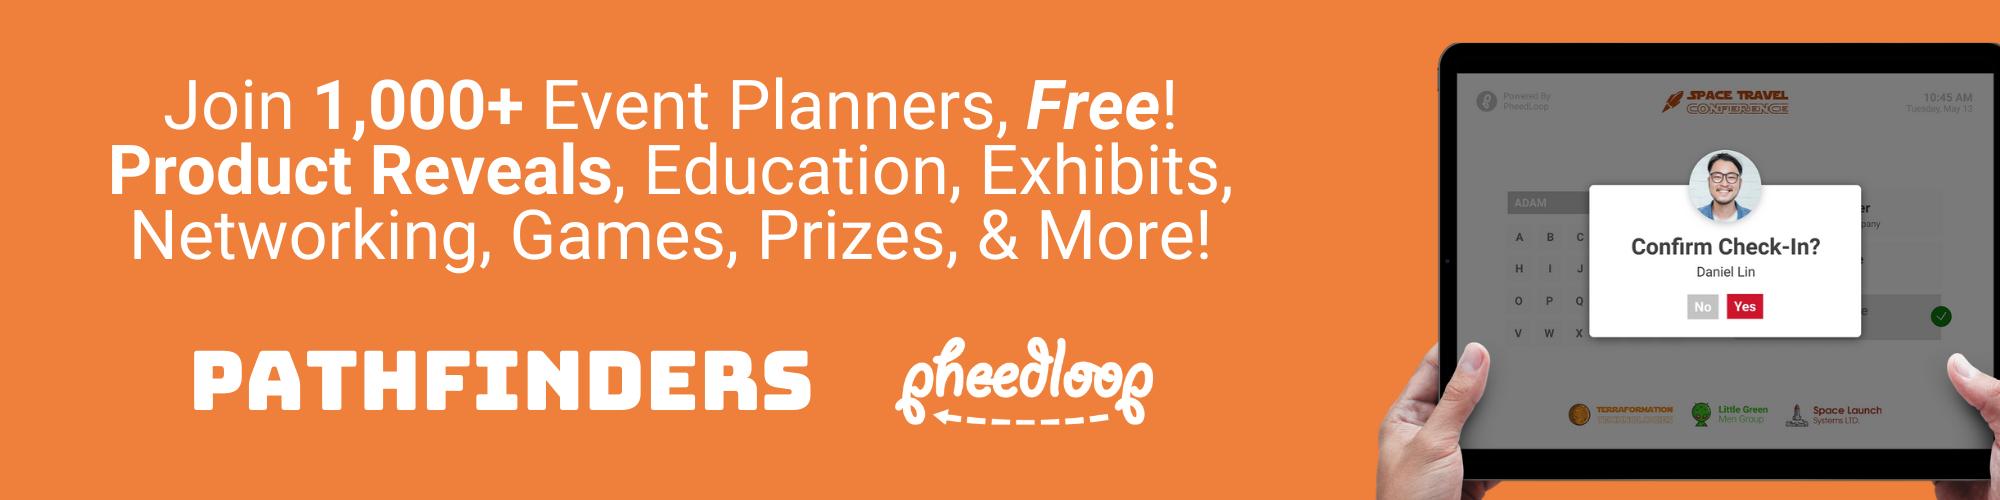 PheedLoop Pathfinders Summit Virtual Event